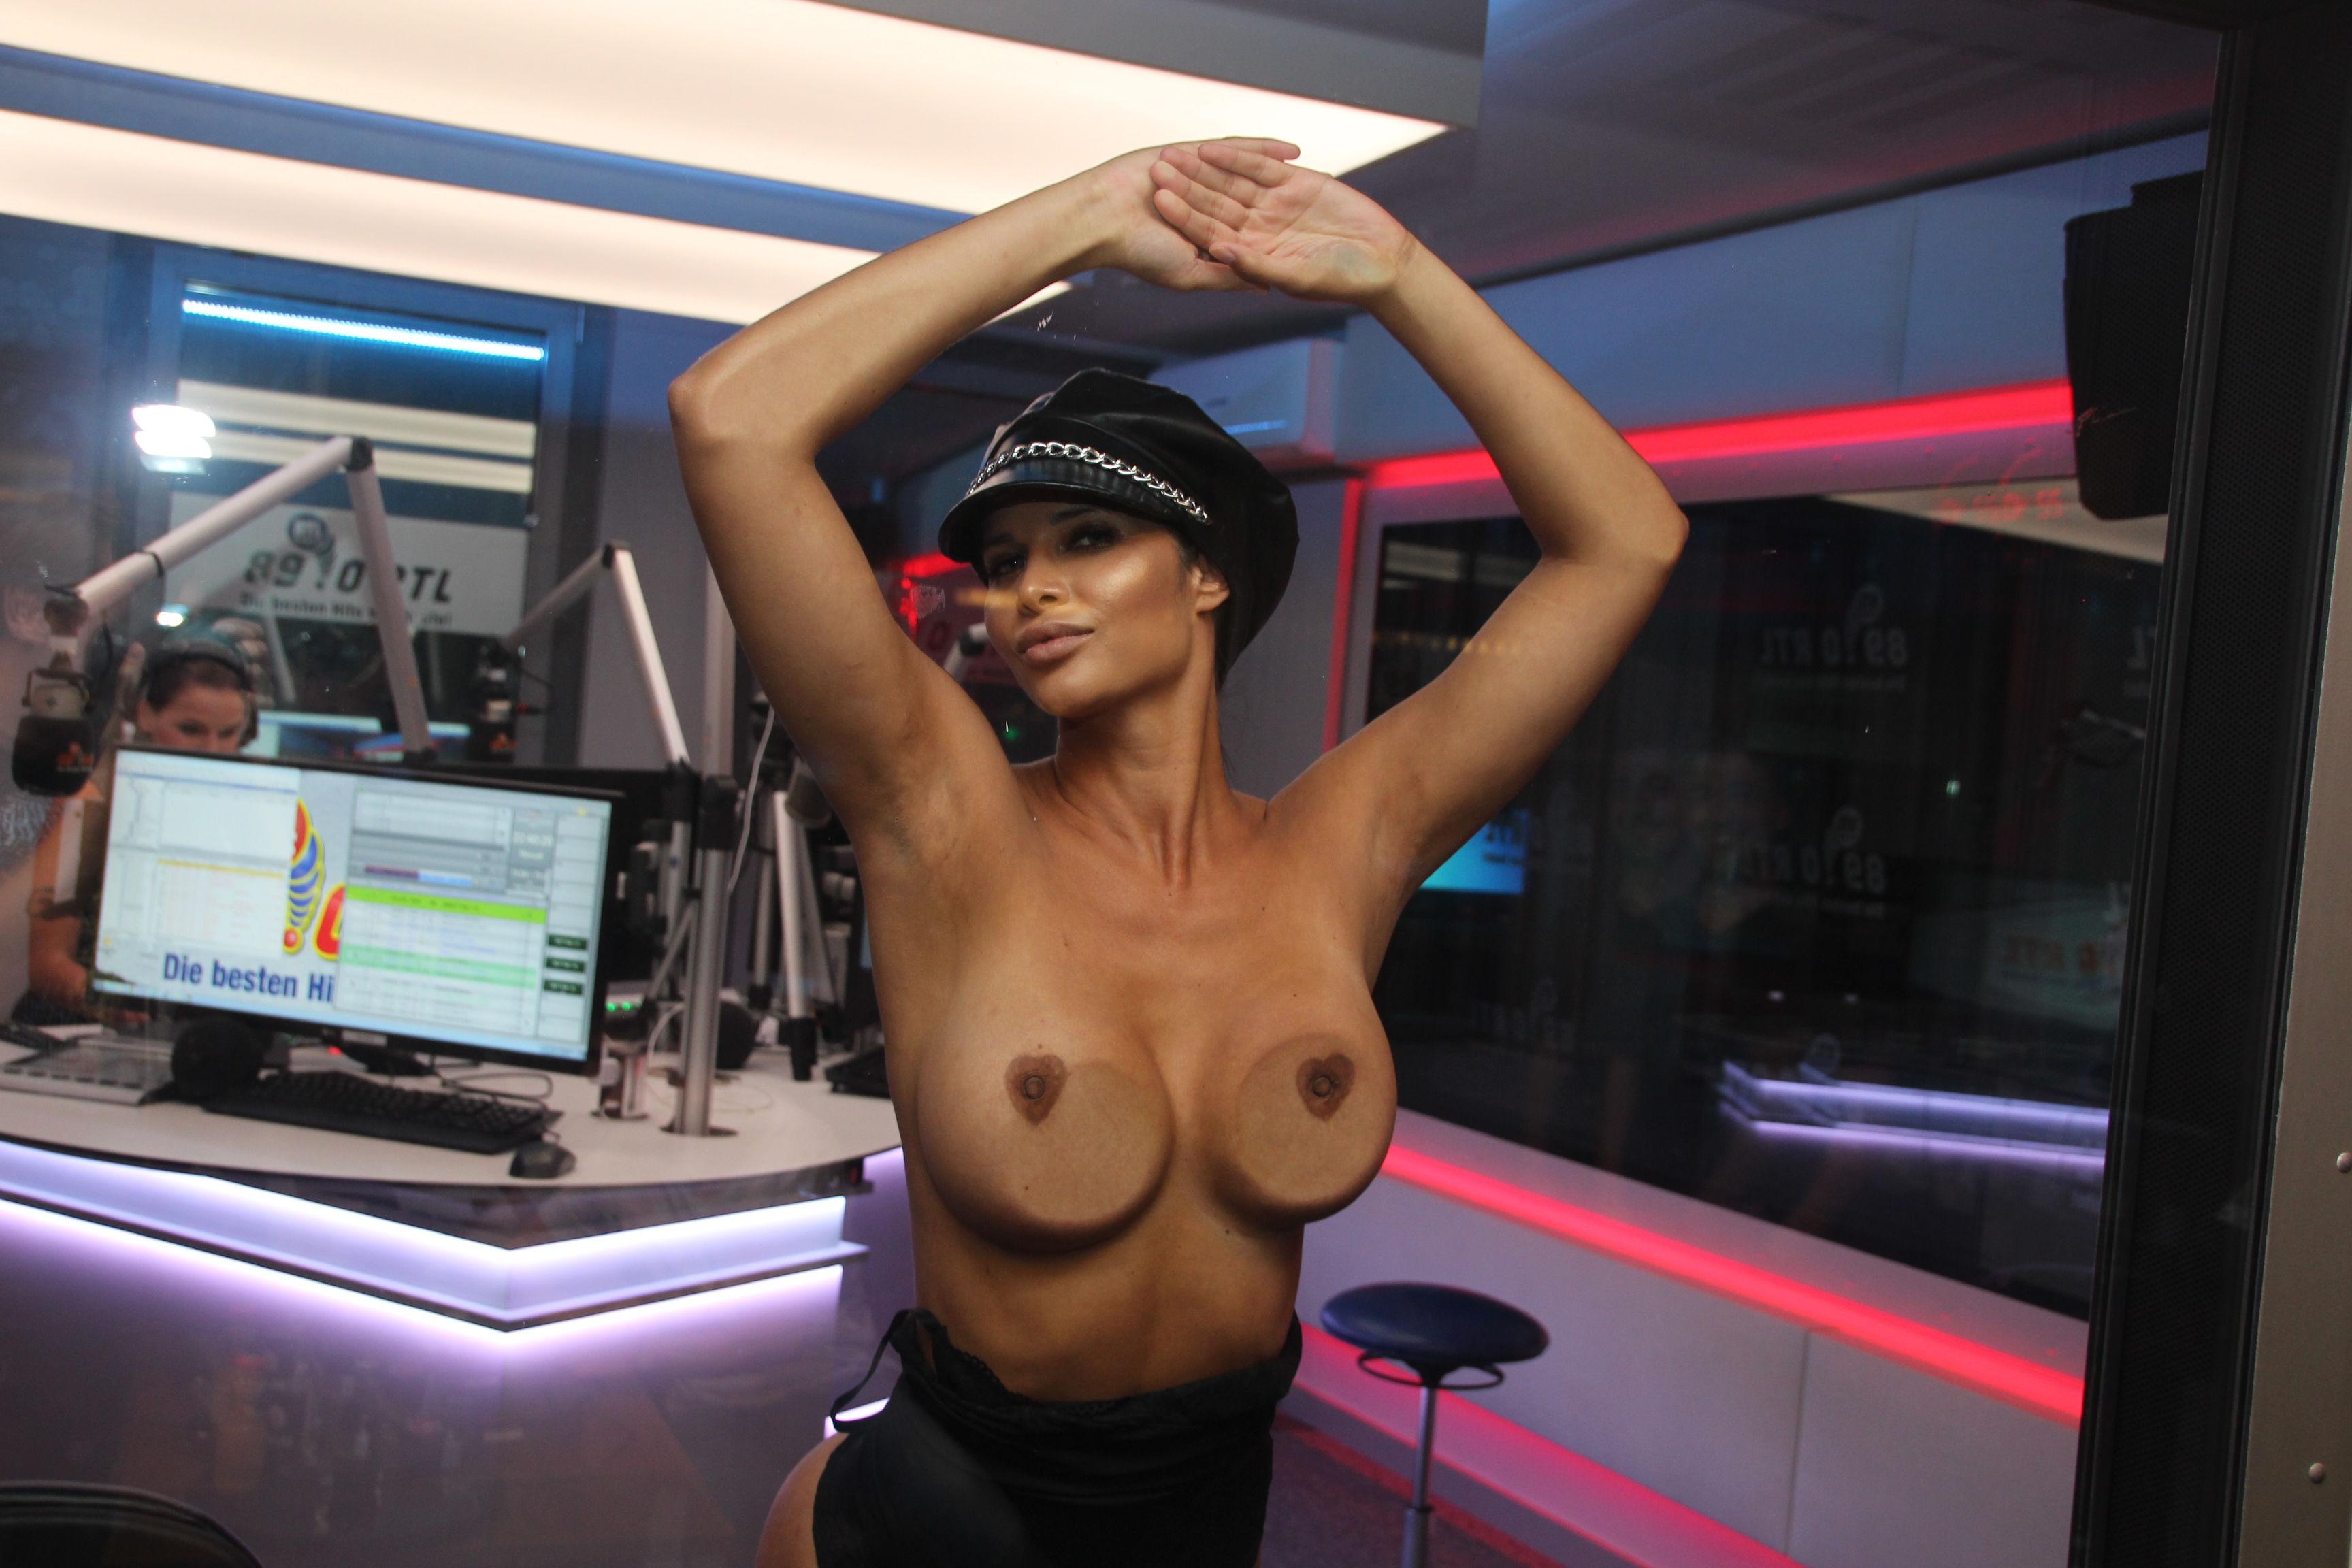 Micaela-Sch%C3%A4fer-Sexy-Topless-TheFappeningBlog.com-4.jpg